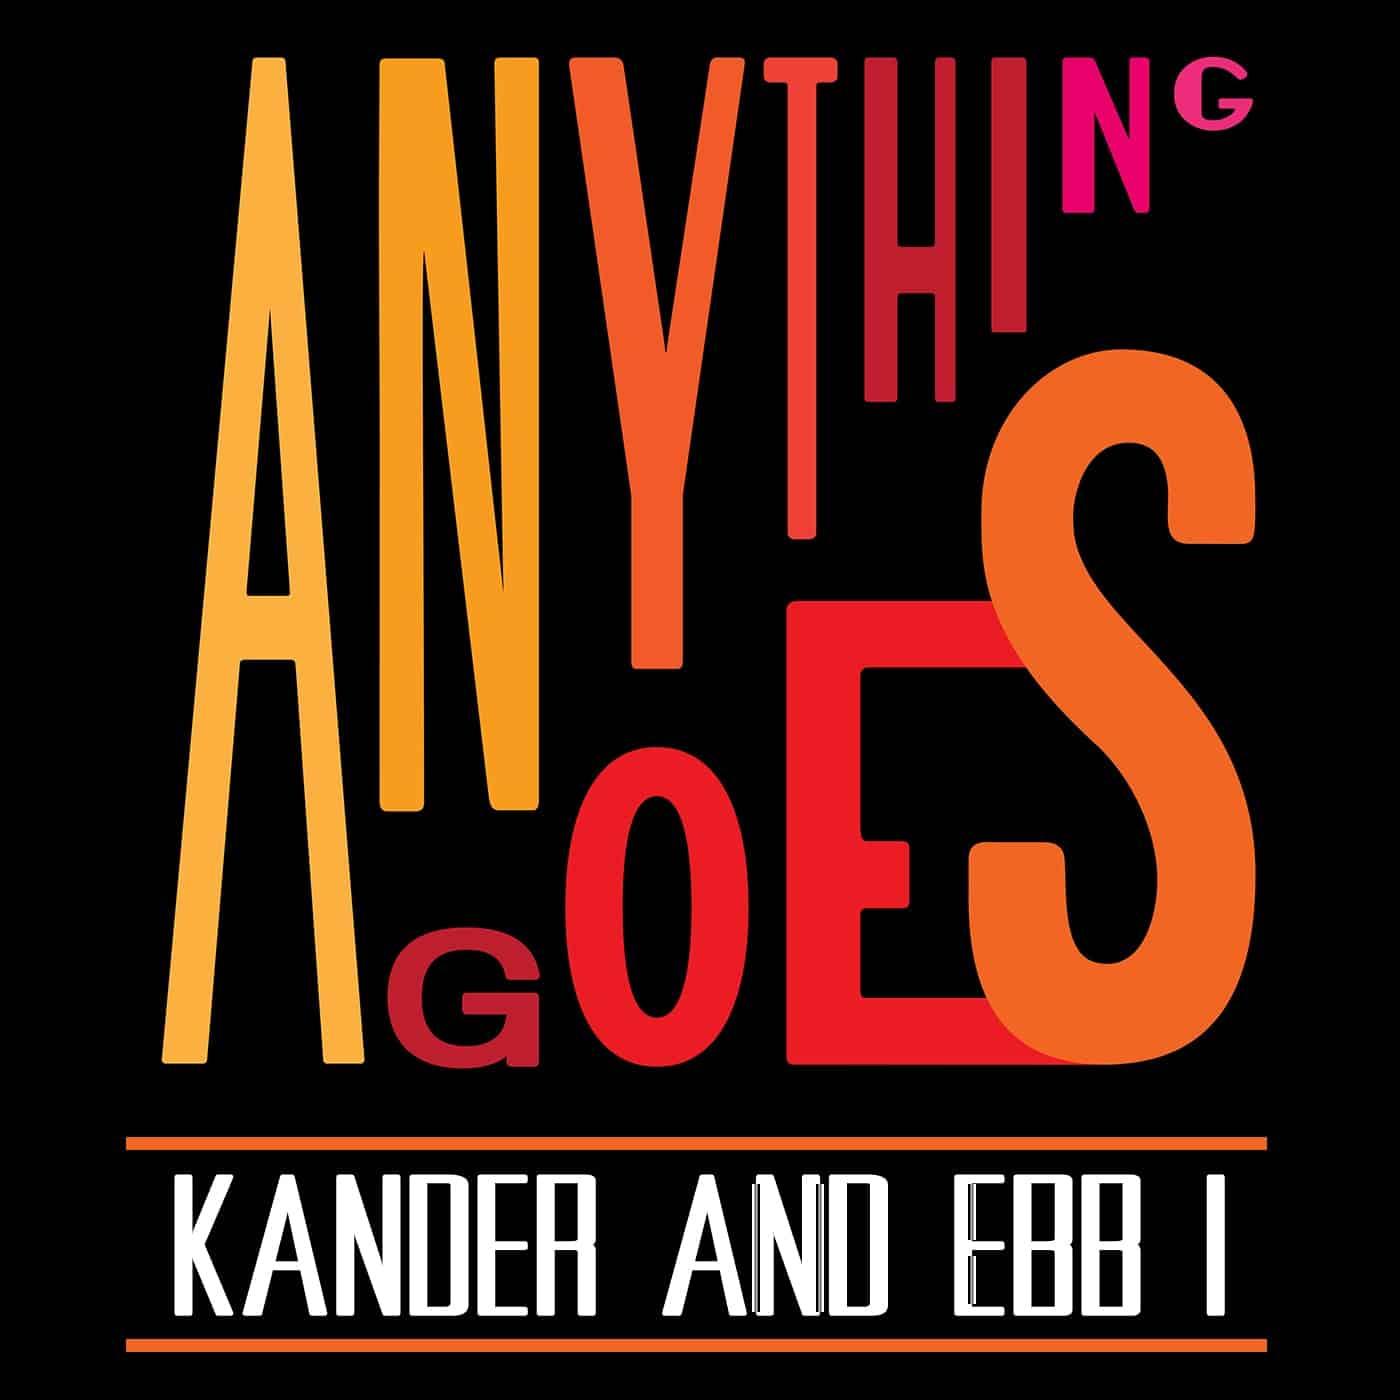 09 Kander and Ebb I